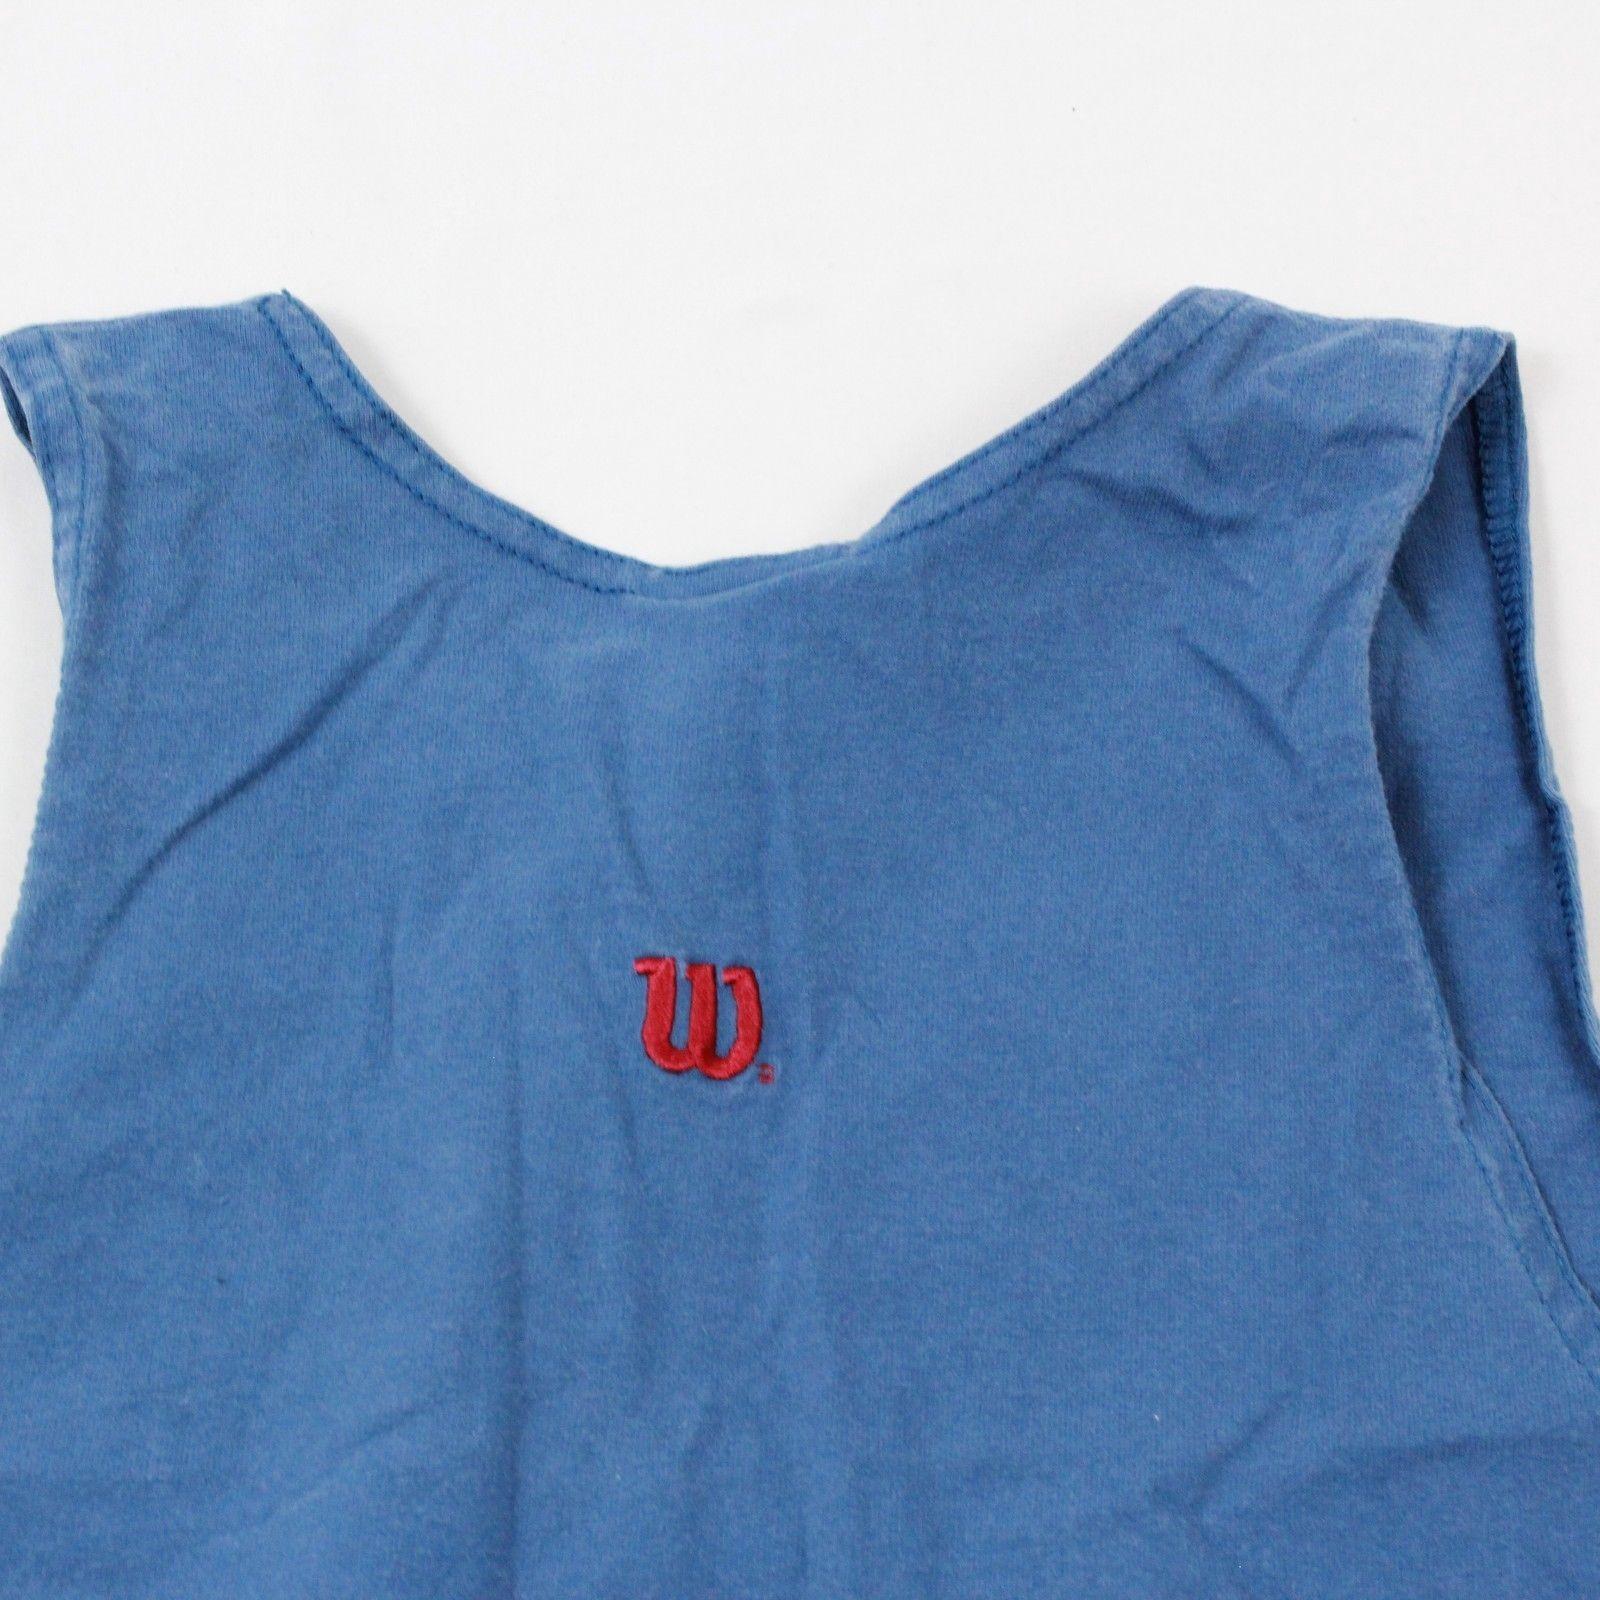 24.4ms Wilson Débardeur pour Hommes Taille M Logo Vieilli Athlétique Vêtement